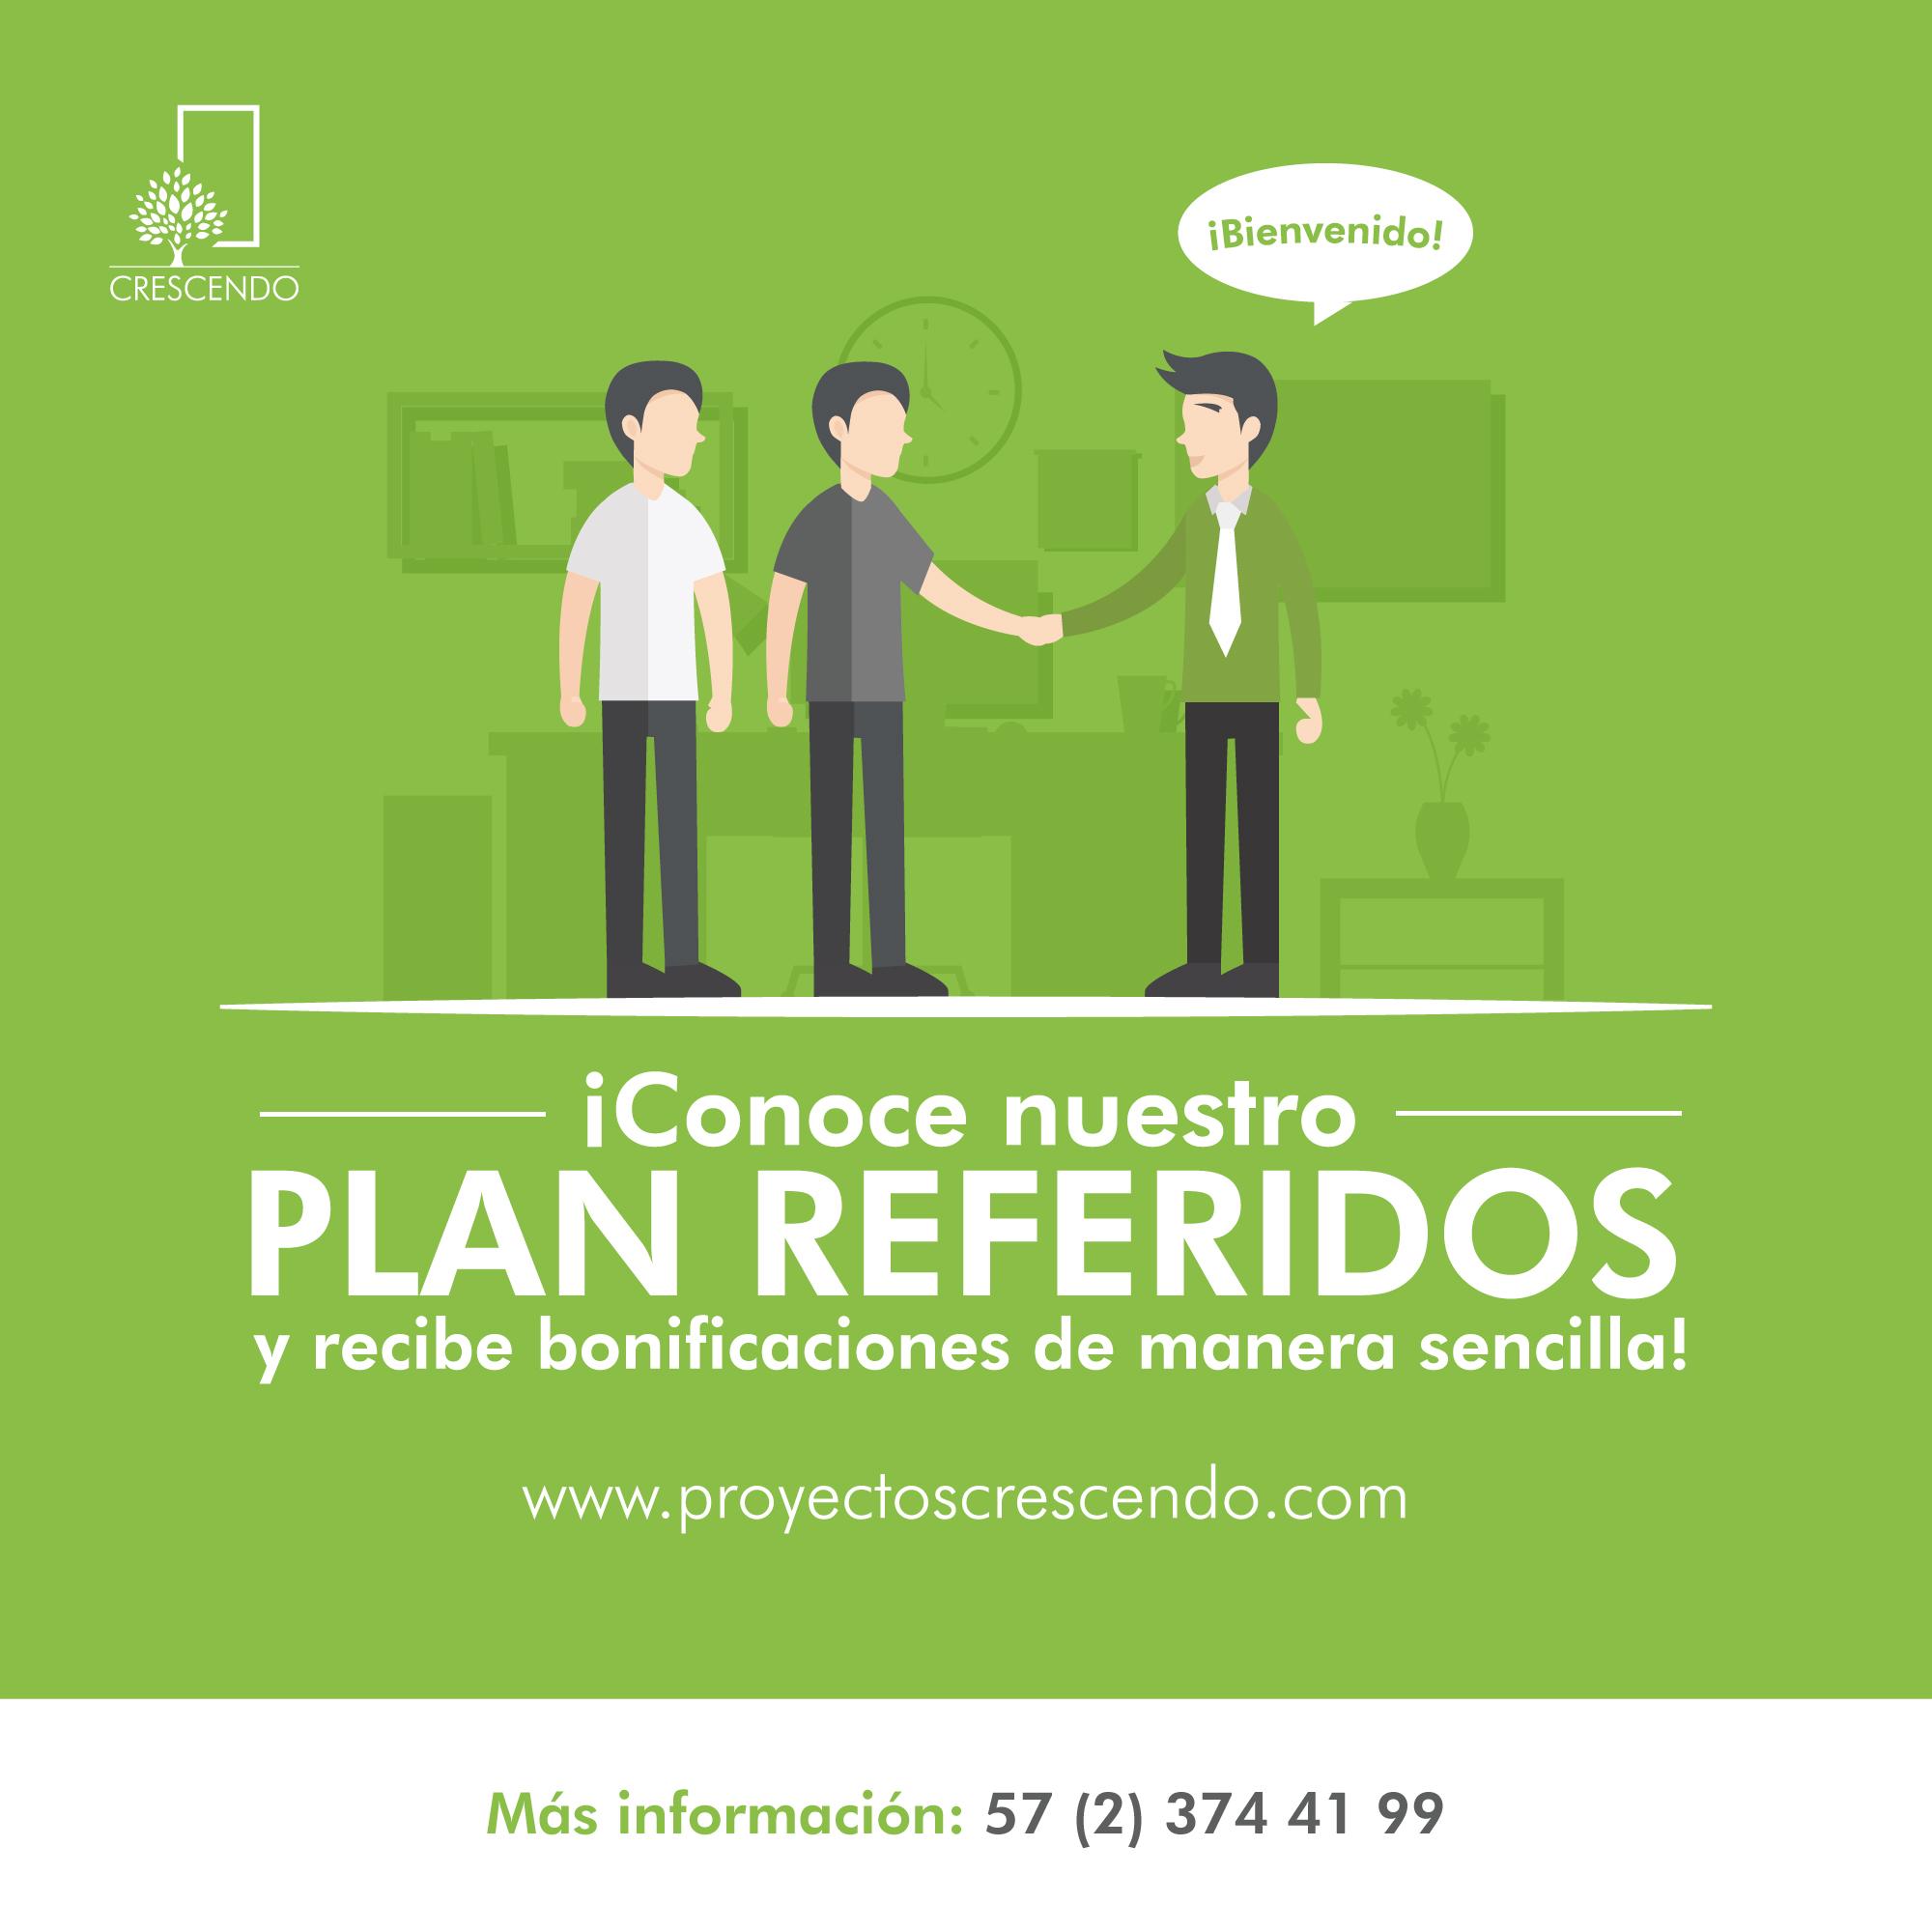 17_06_13_Post_Referidos_Crescendo_1